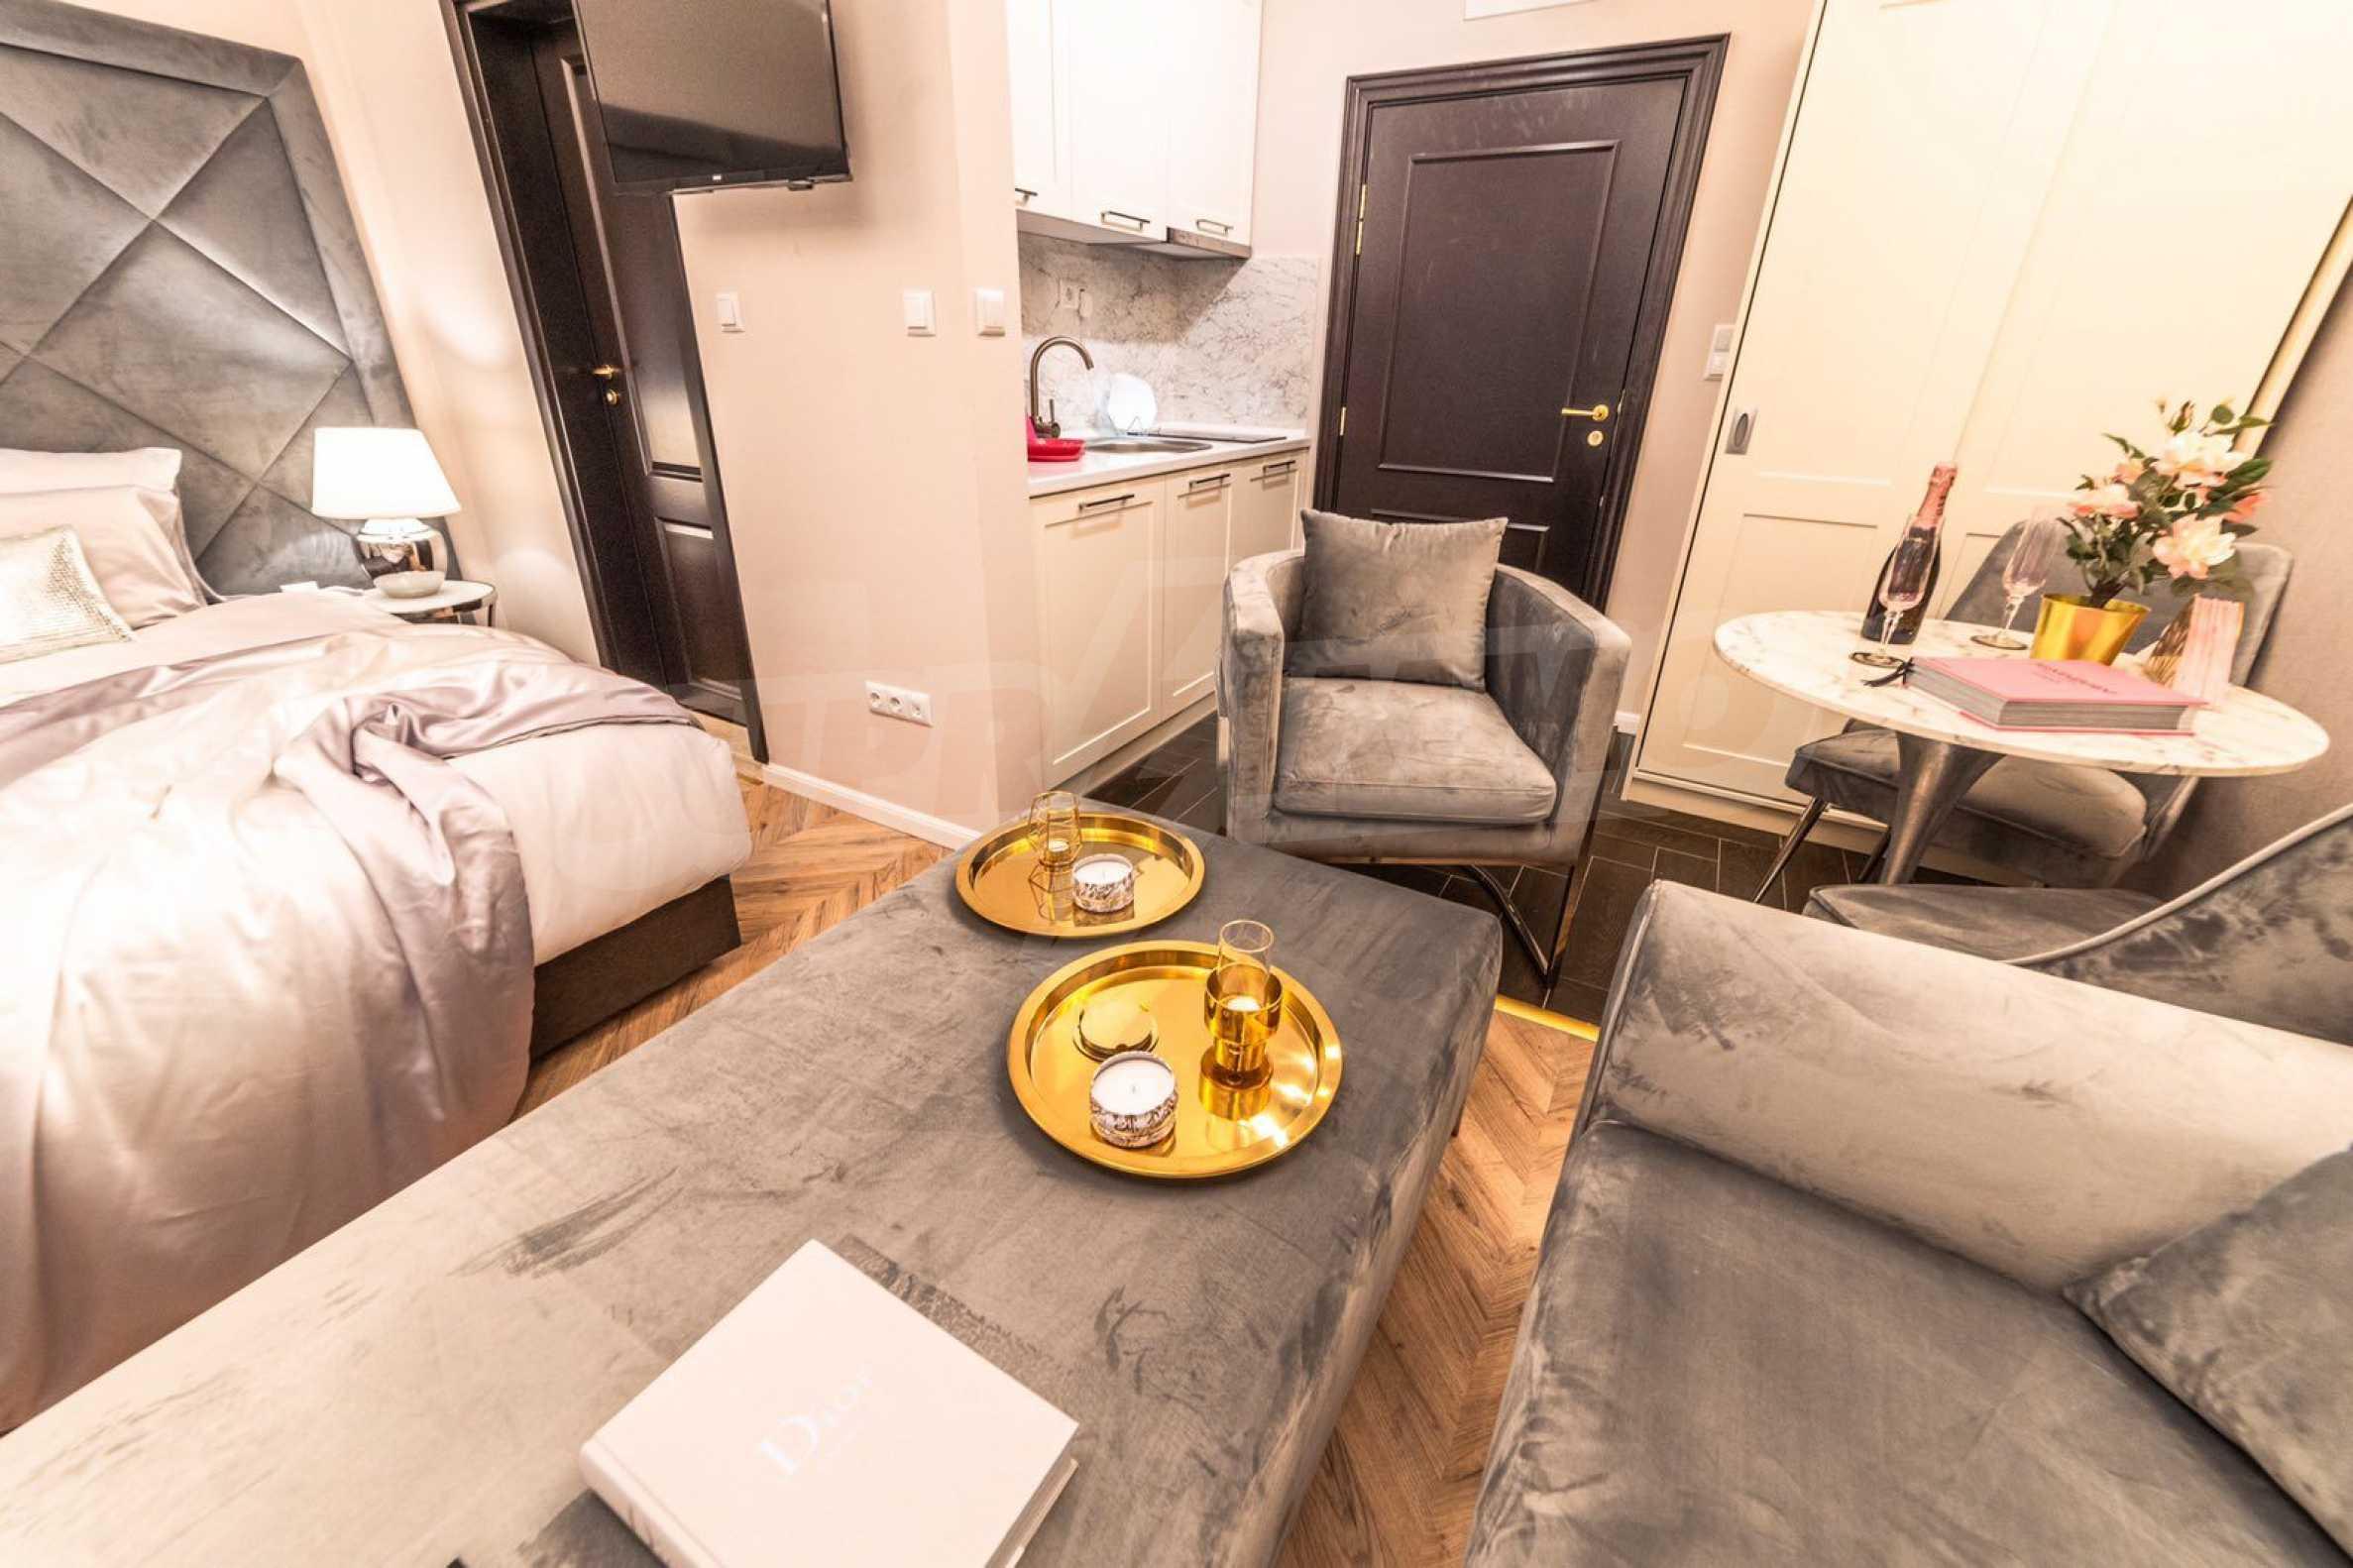 Erstklassige Apartments  zum TOP-Preis ab 890 €/m² im Komplex im Stil der französischen Renaissance (Akt 16) 39